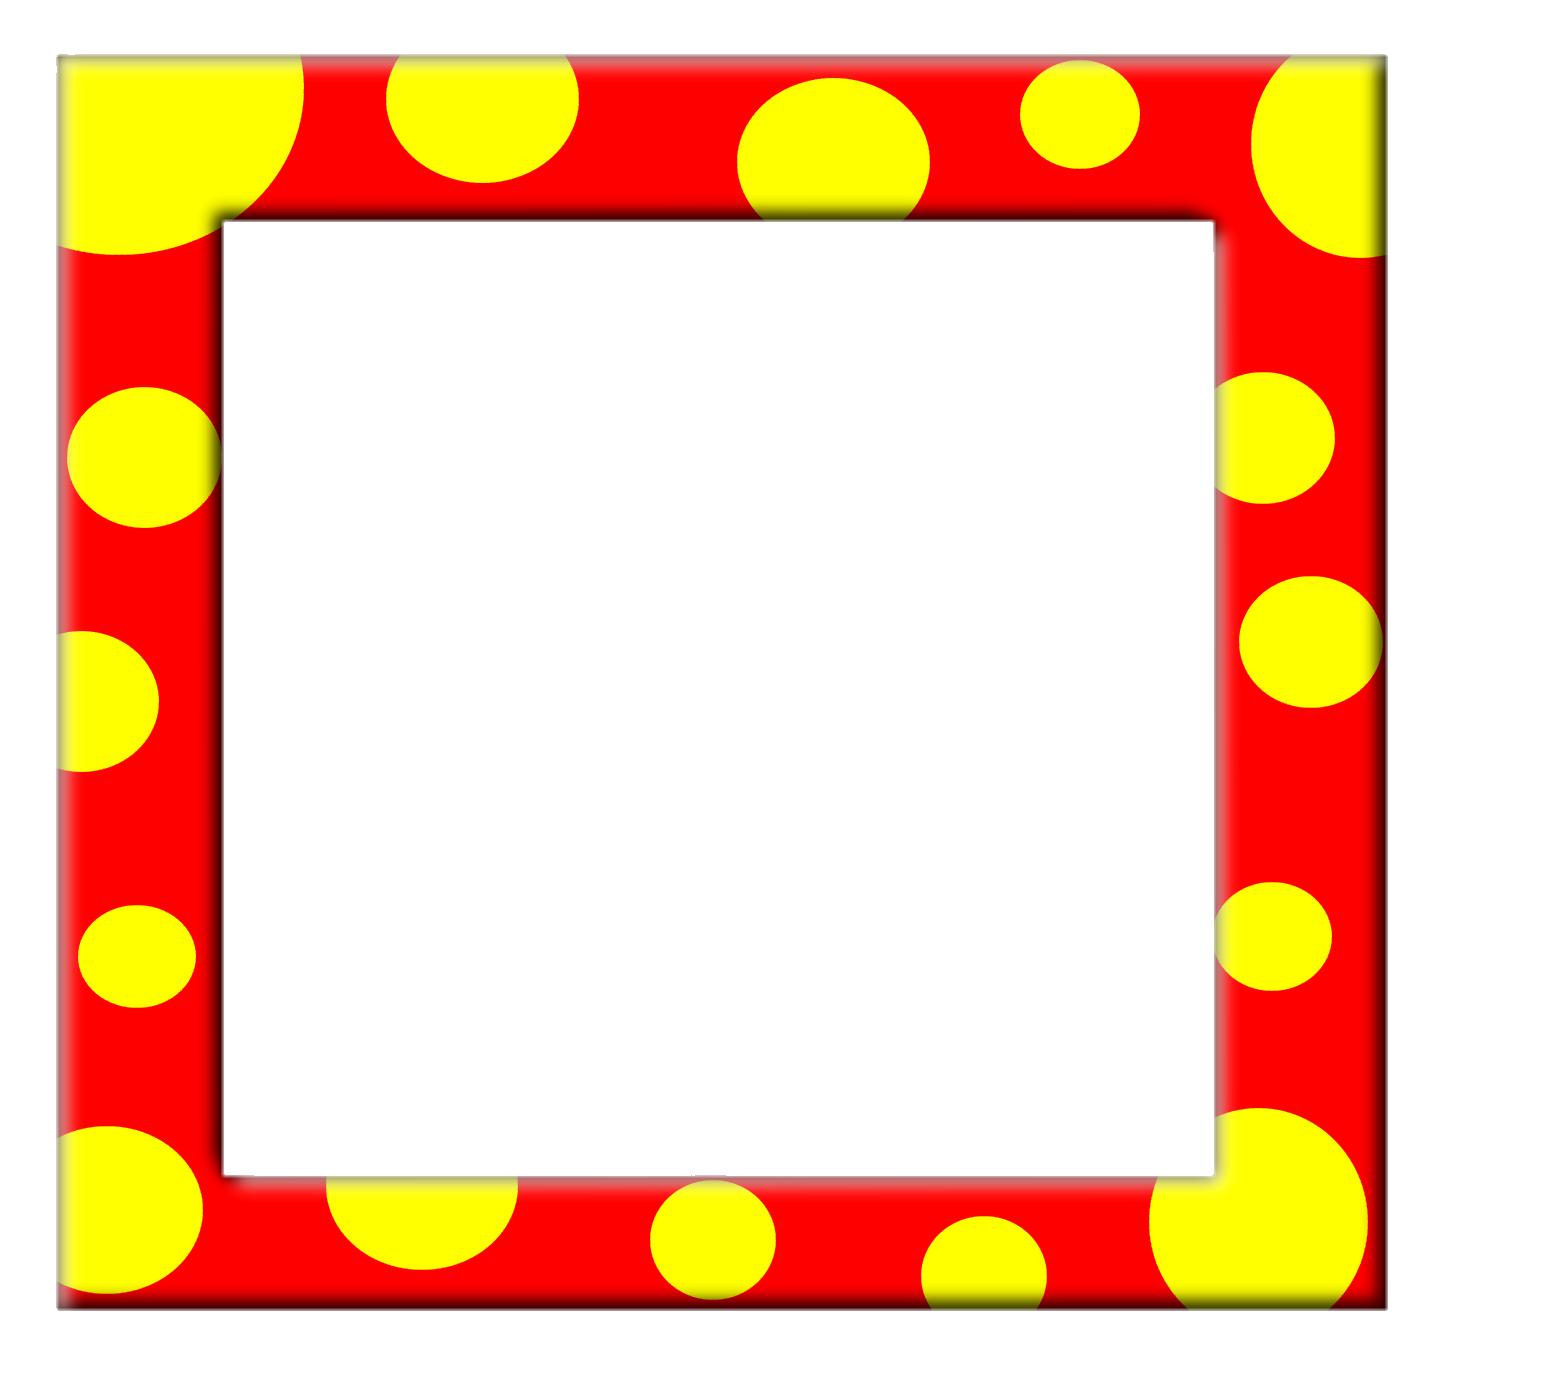 Dessins en couleurs imprimer oui oui num ro 413789 - Personnage dans oui oui ...